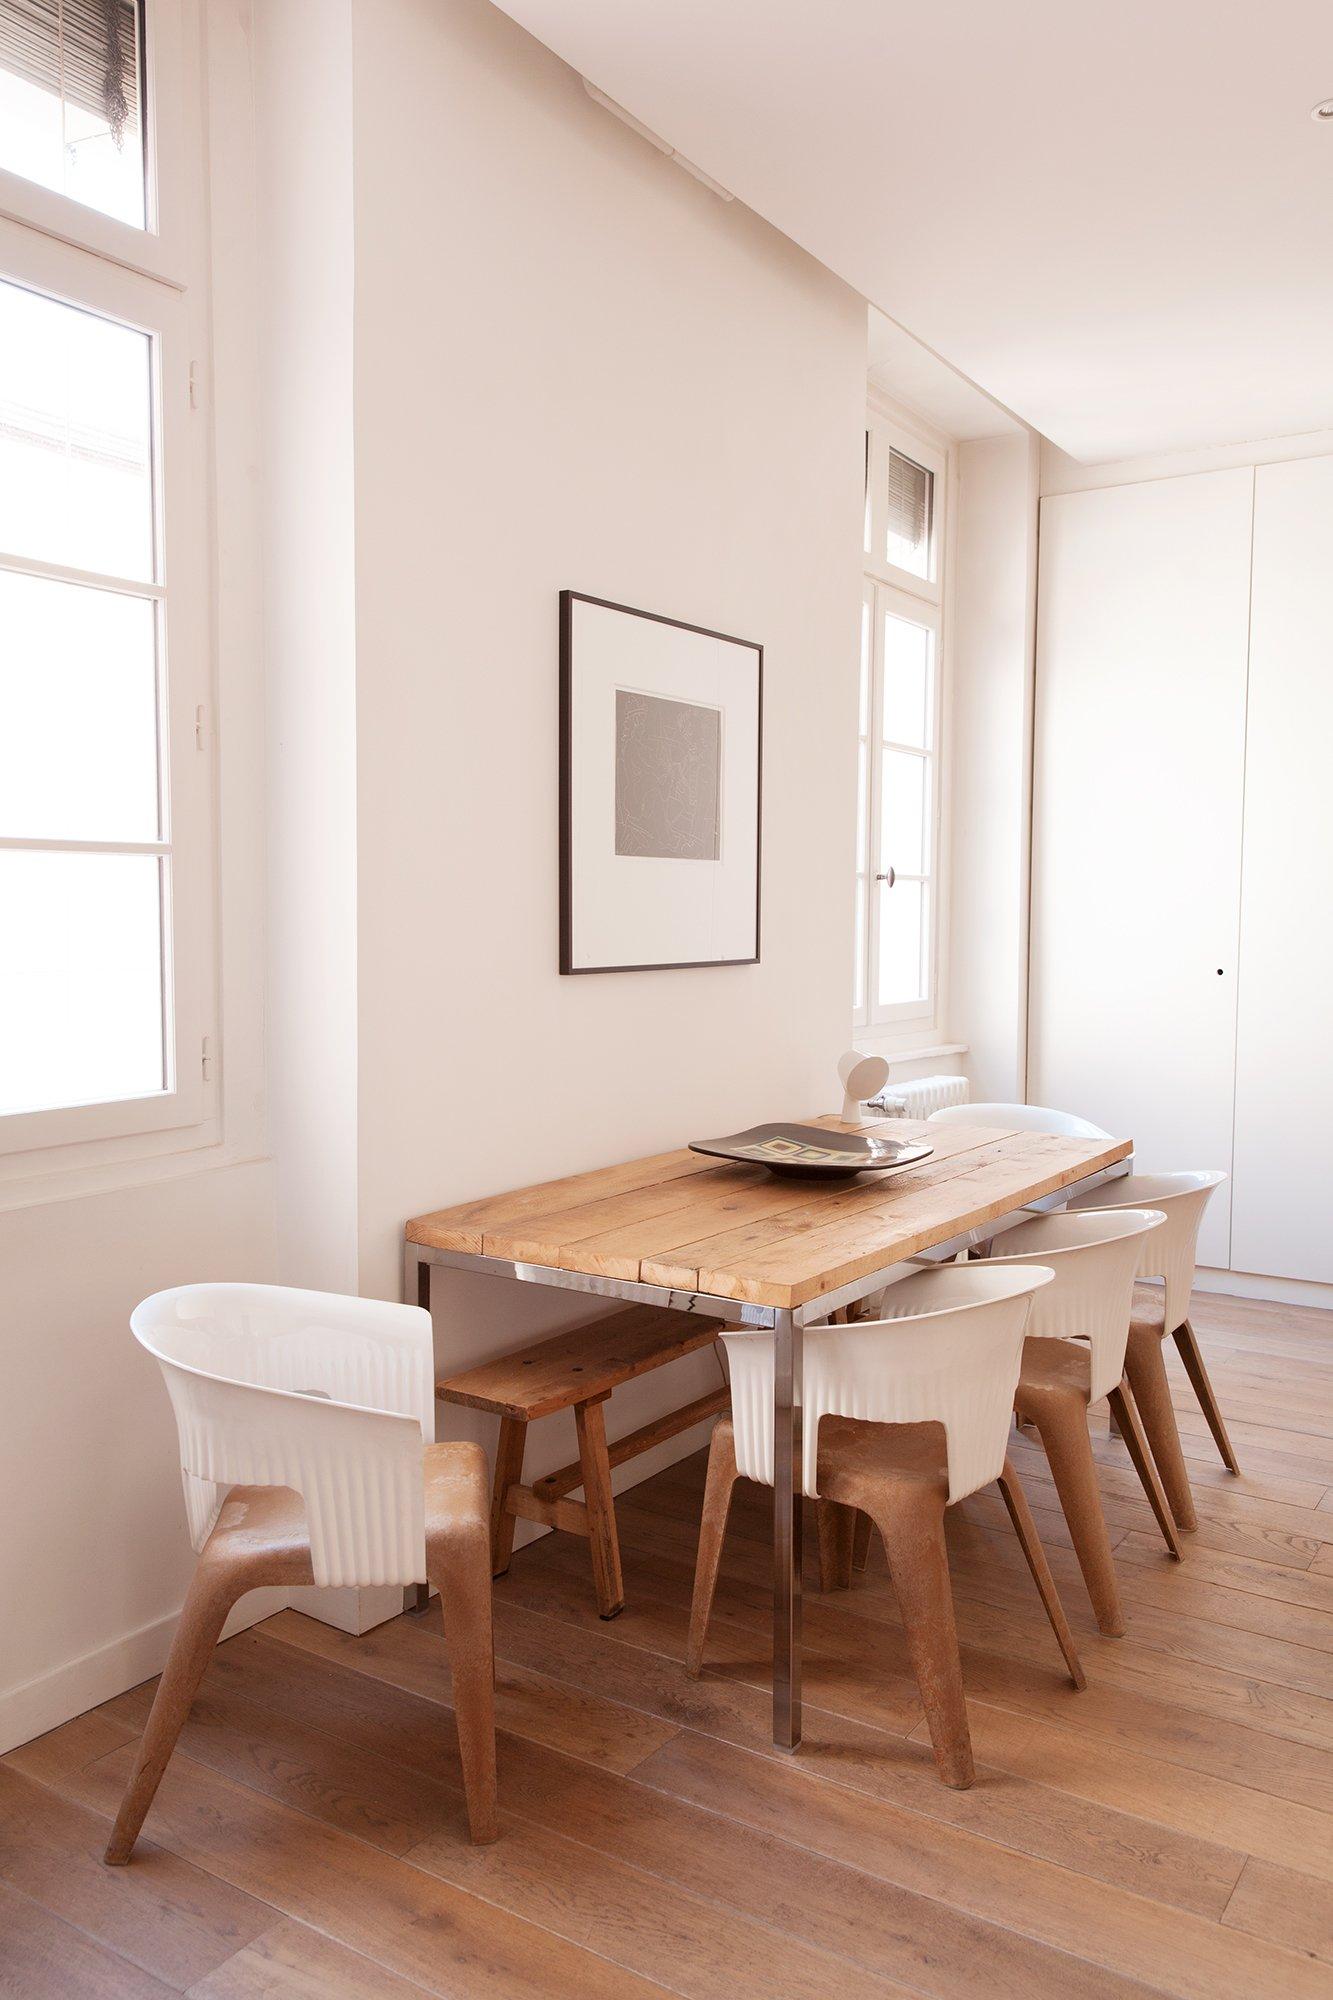 Table Salon Chaises Oeuvre Artiste Gérard Puvis Atelier Lyon